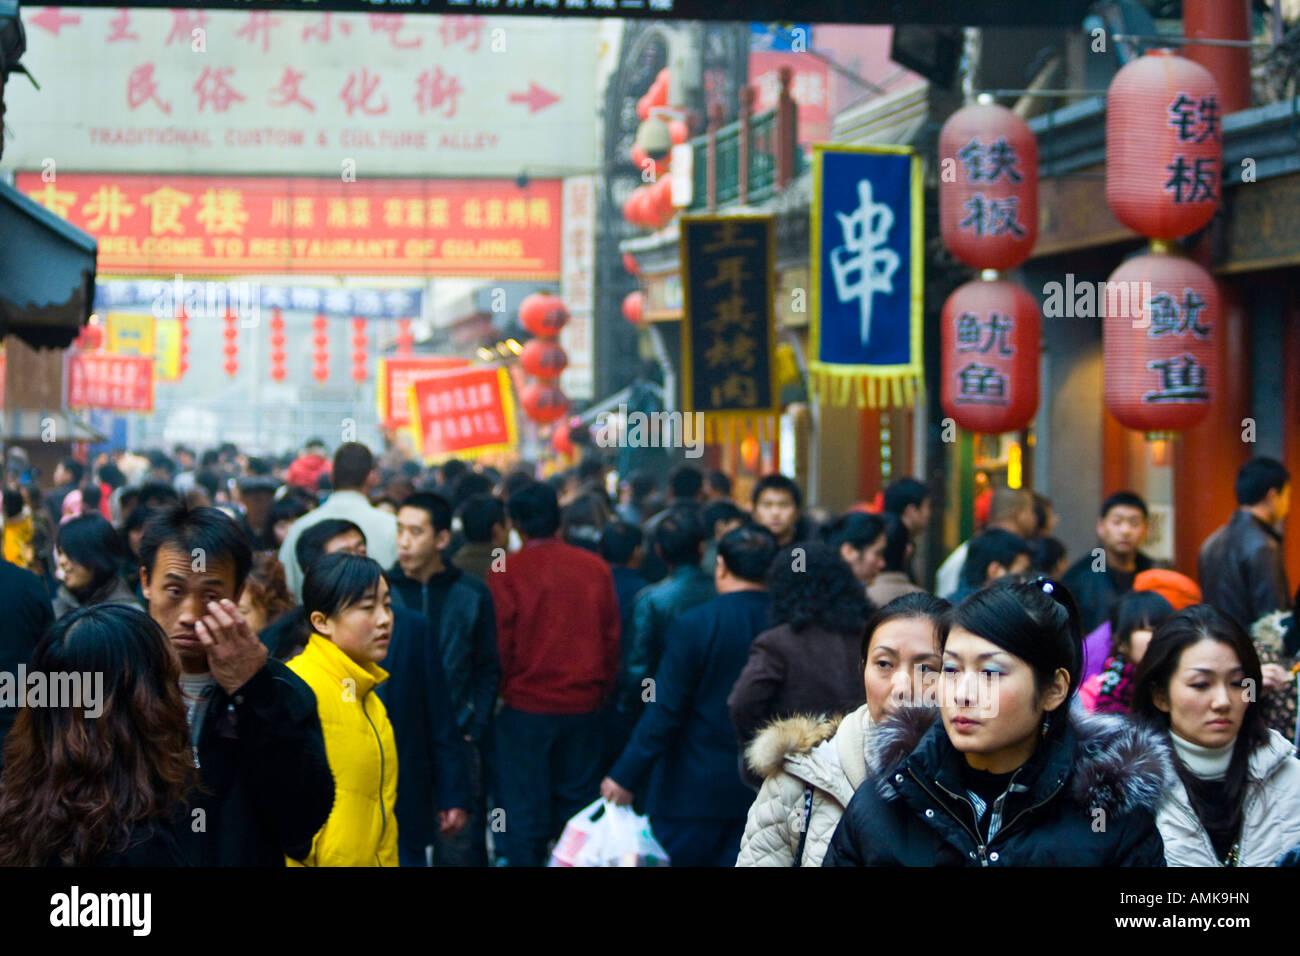 Wangfujing Xiaochijie Snack Street Beijing China - Stock Image